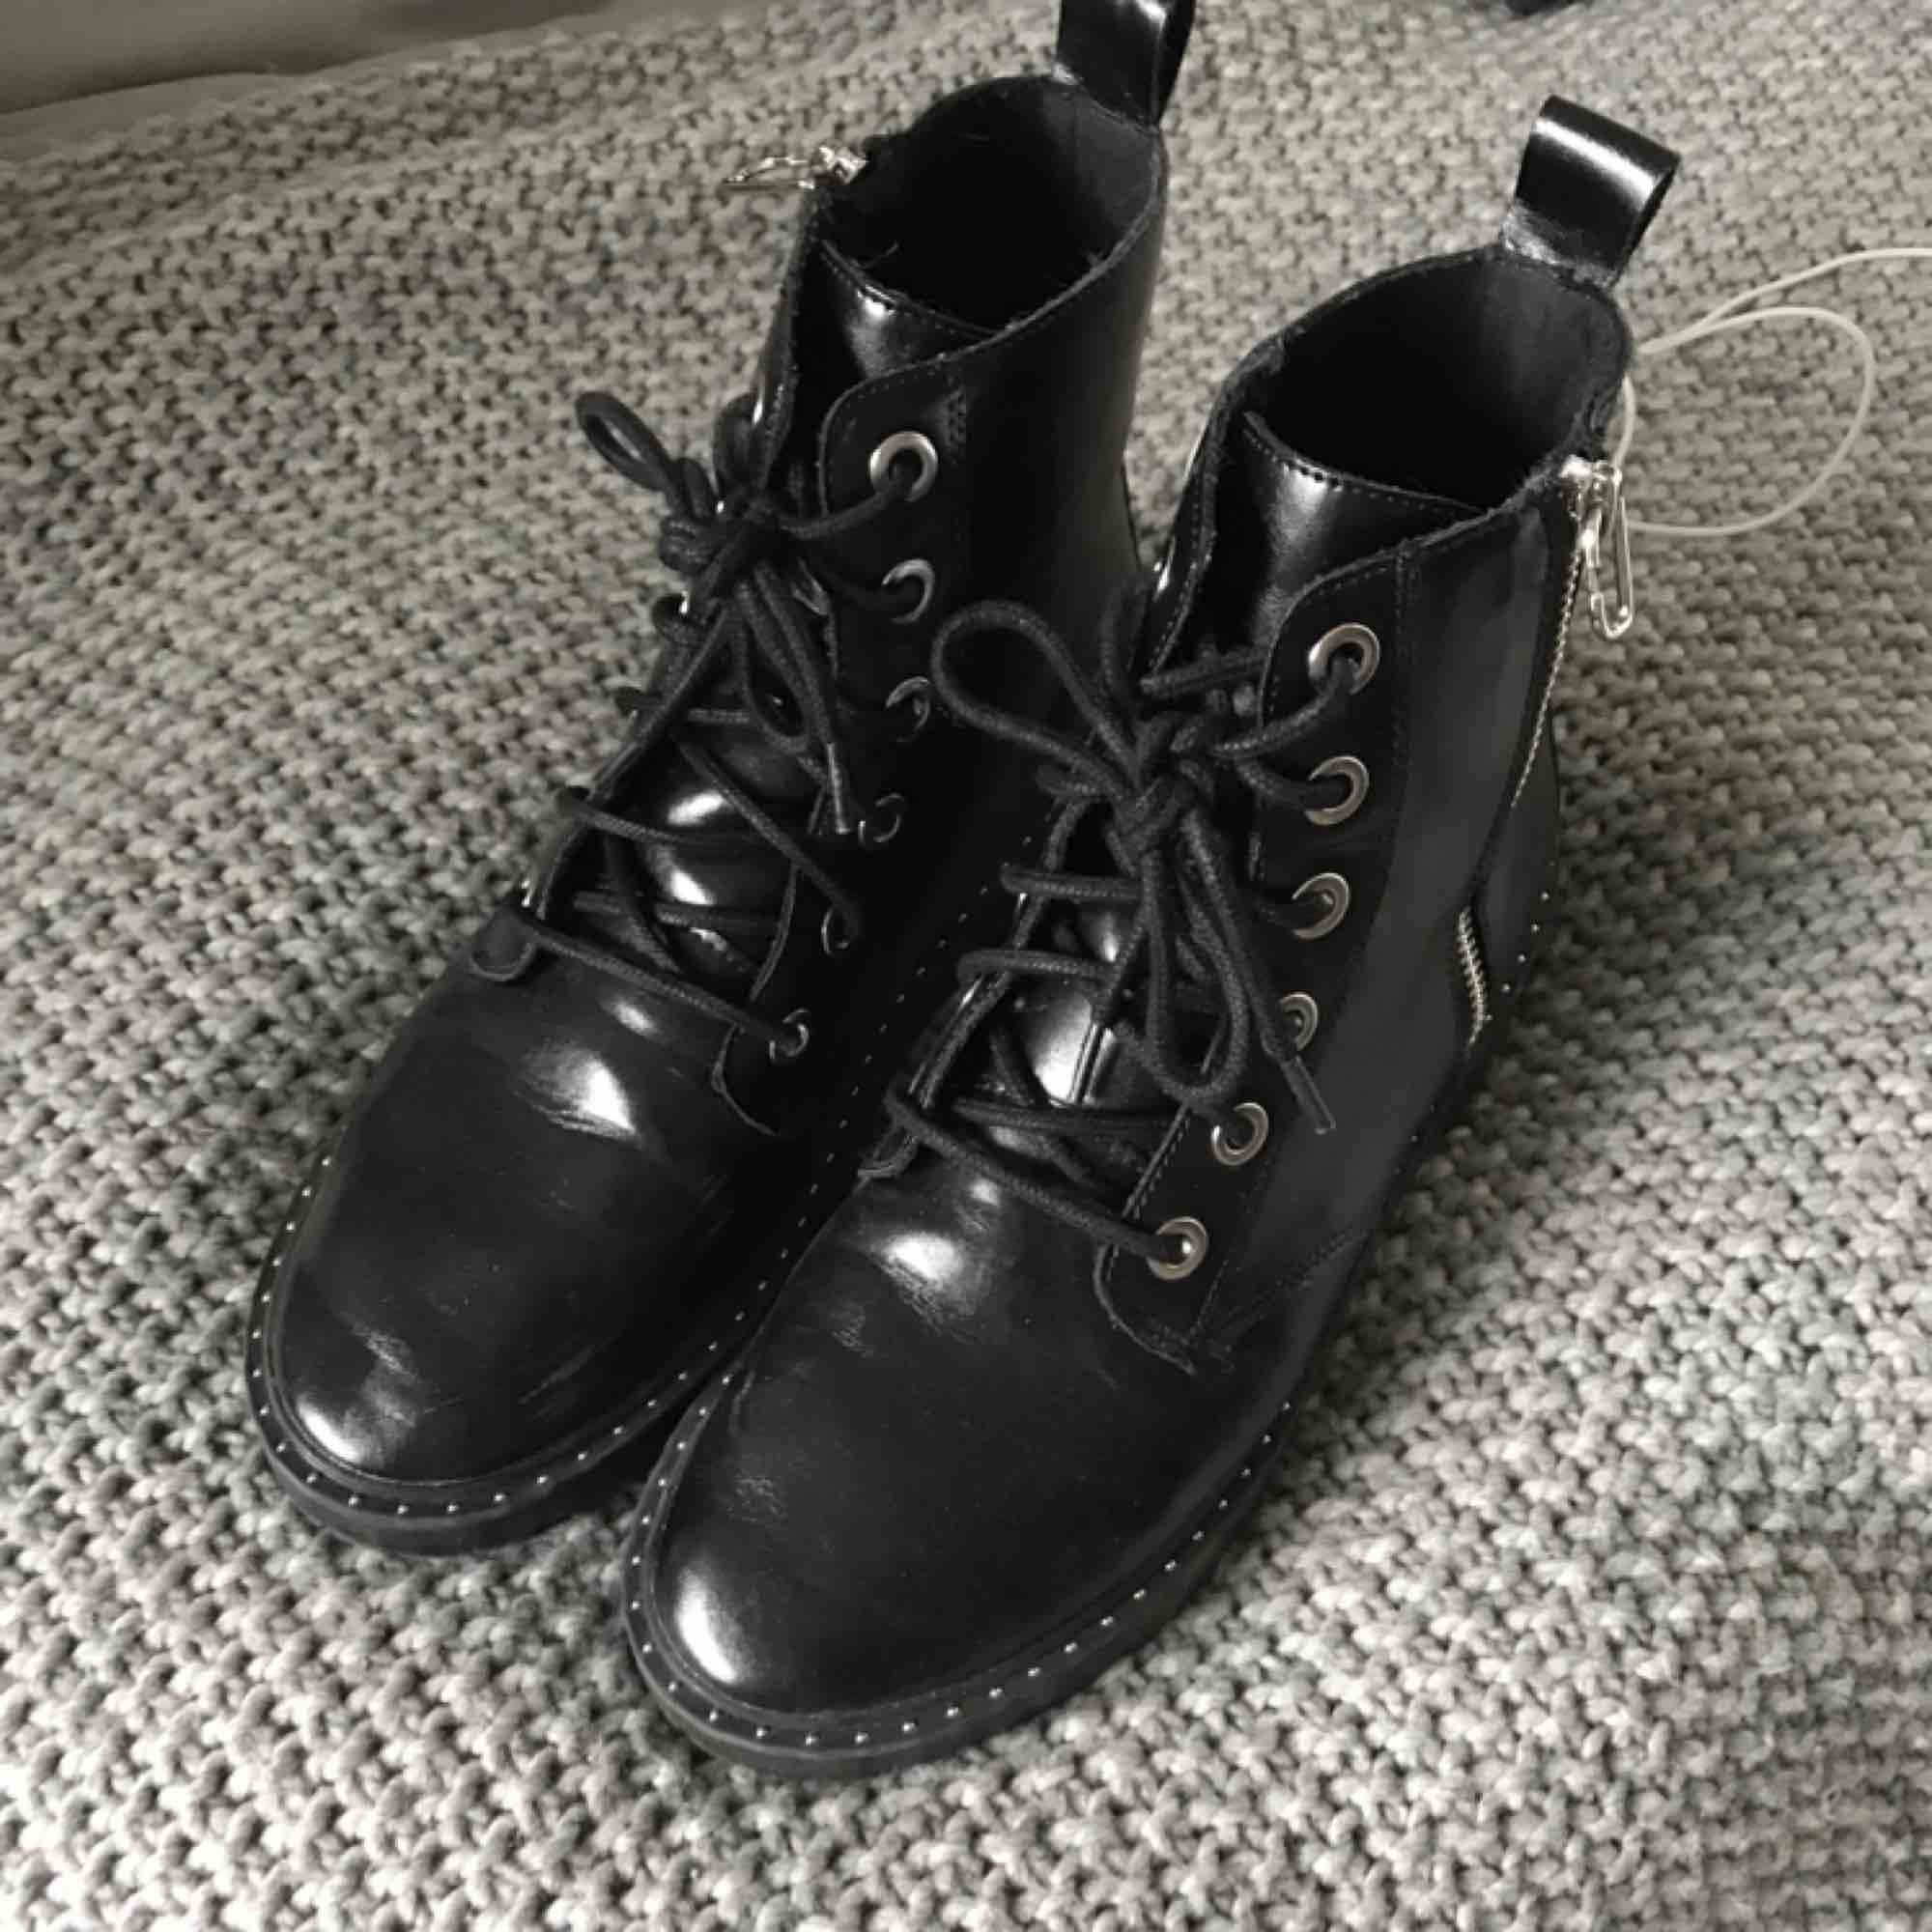 skitcoola svarta boots från zara strl 39, använd fåtal gånger i bra skick! Pris kan diskuteras! Inköpta för 600kr. Skor.